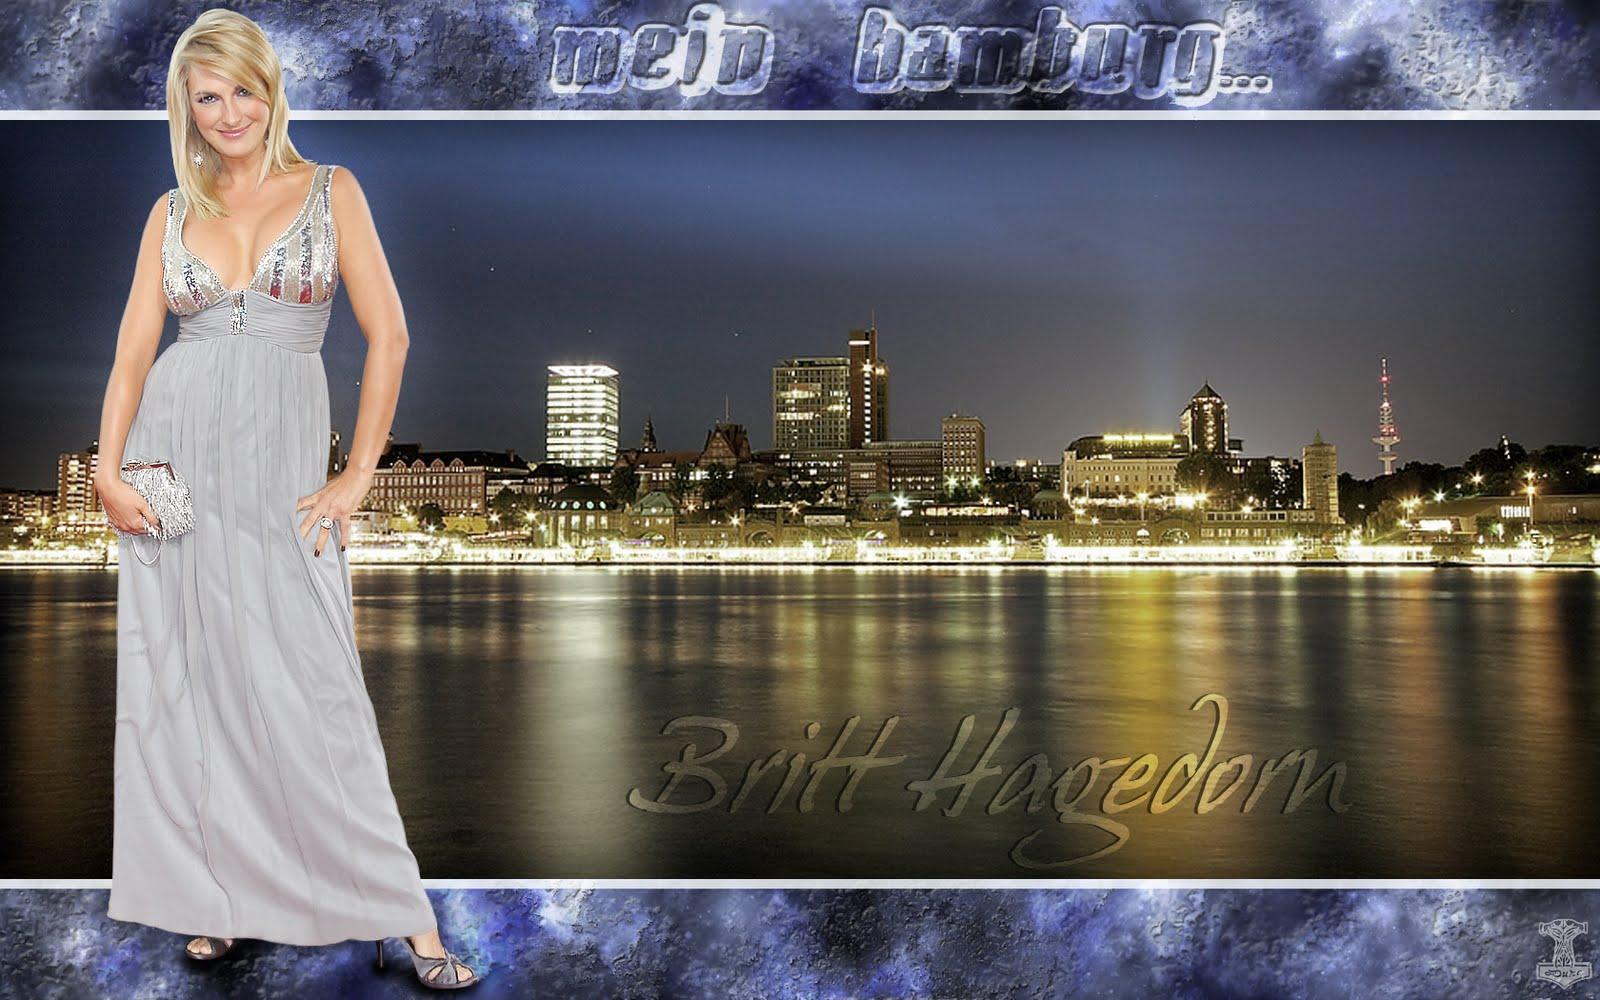 http://1.bp.blogspot.com/-te6a_TZZzA0/TajTZ3aLCCI/AAAAAAAAAO0/G_7w_4iqw3c/s1600/Britt_02.jpg